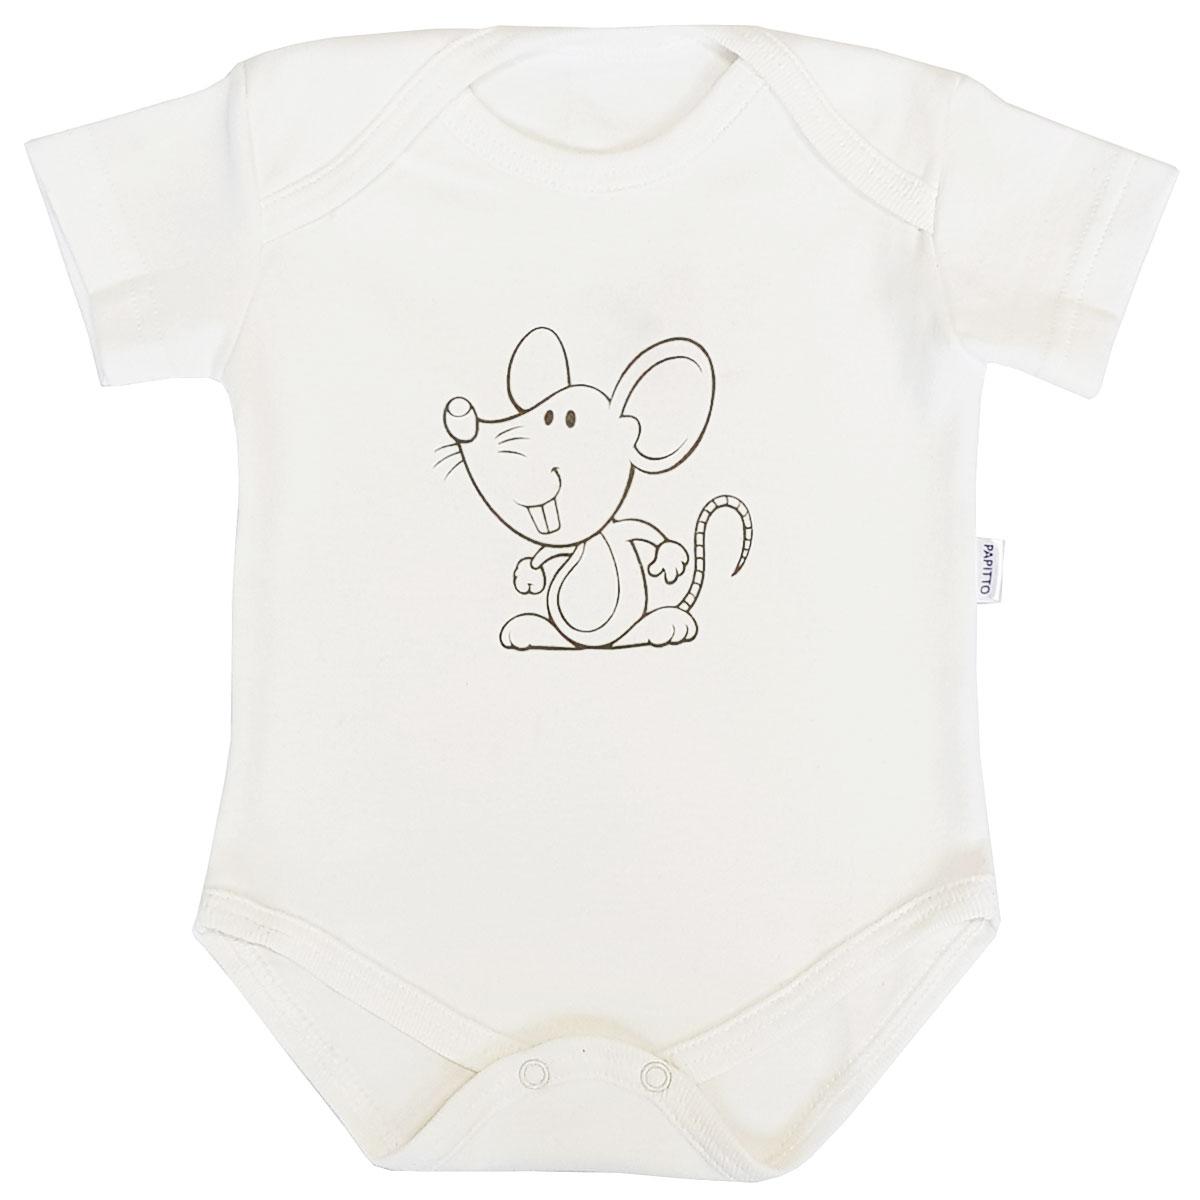 Купить Боди Папитто капелька Мышка, интерлок экрю р.24-86 37-817, Боди и песочники для малышей